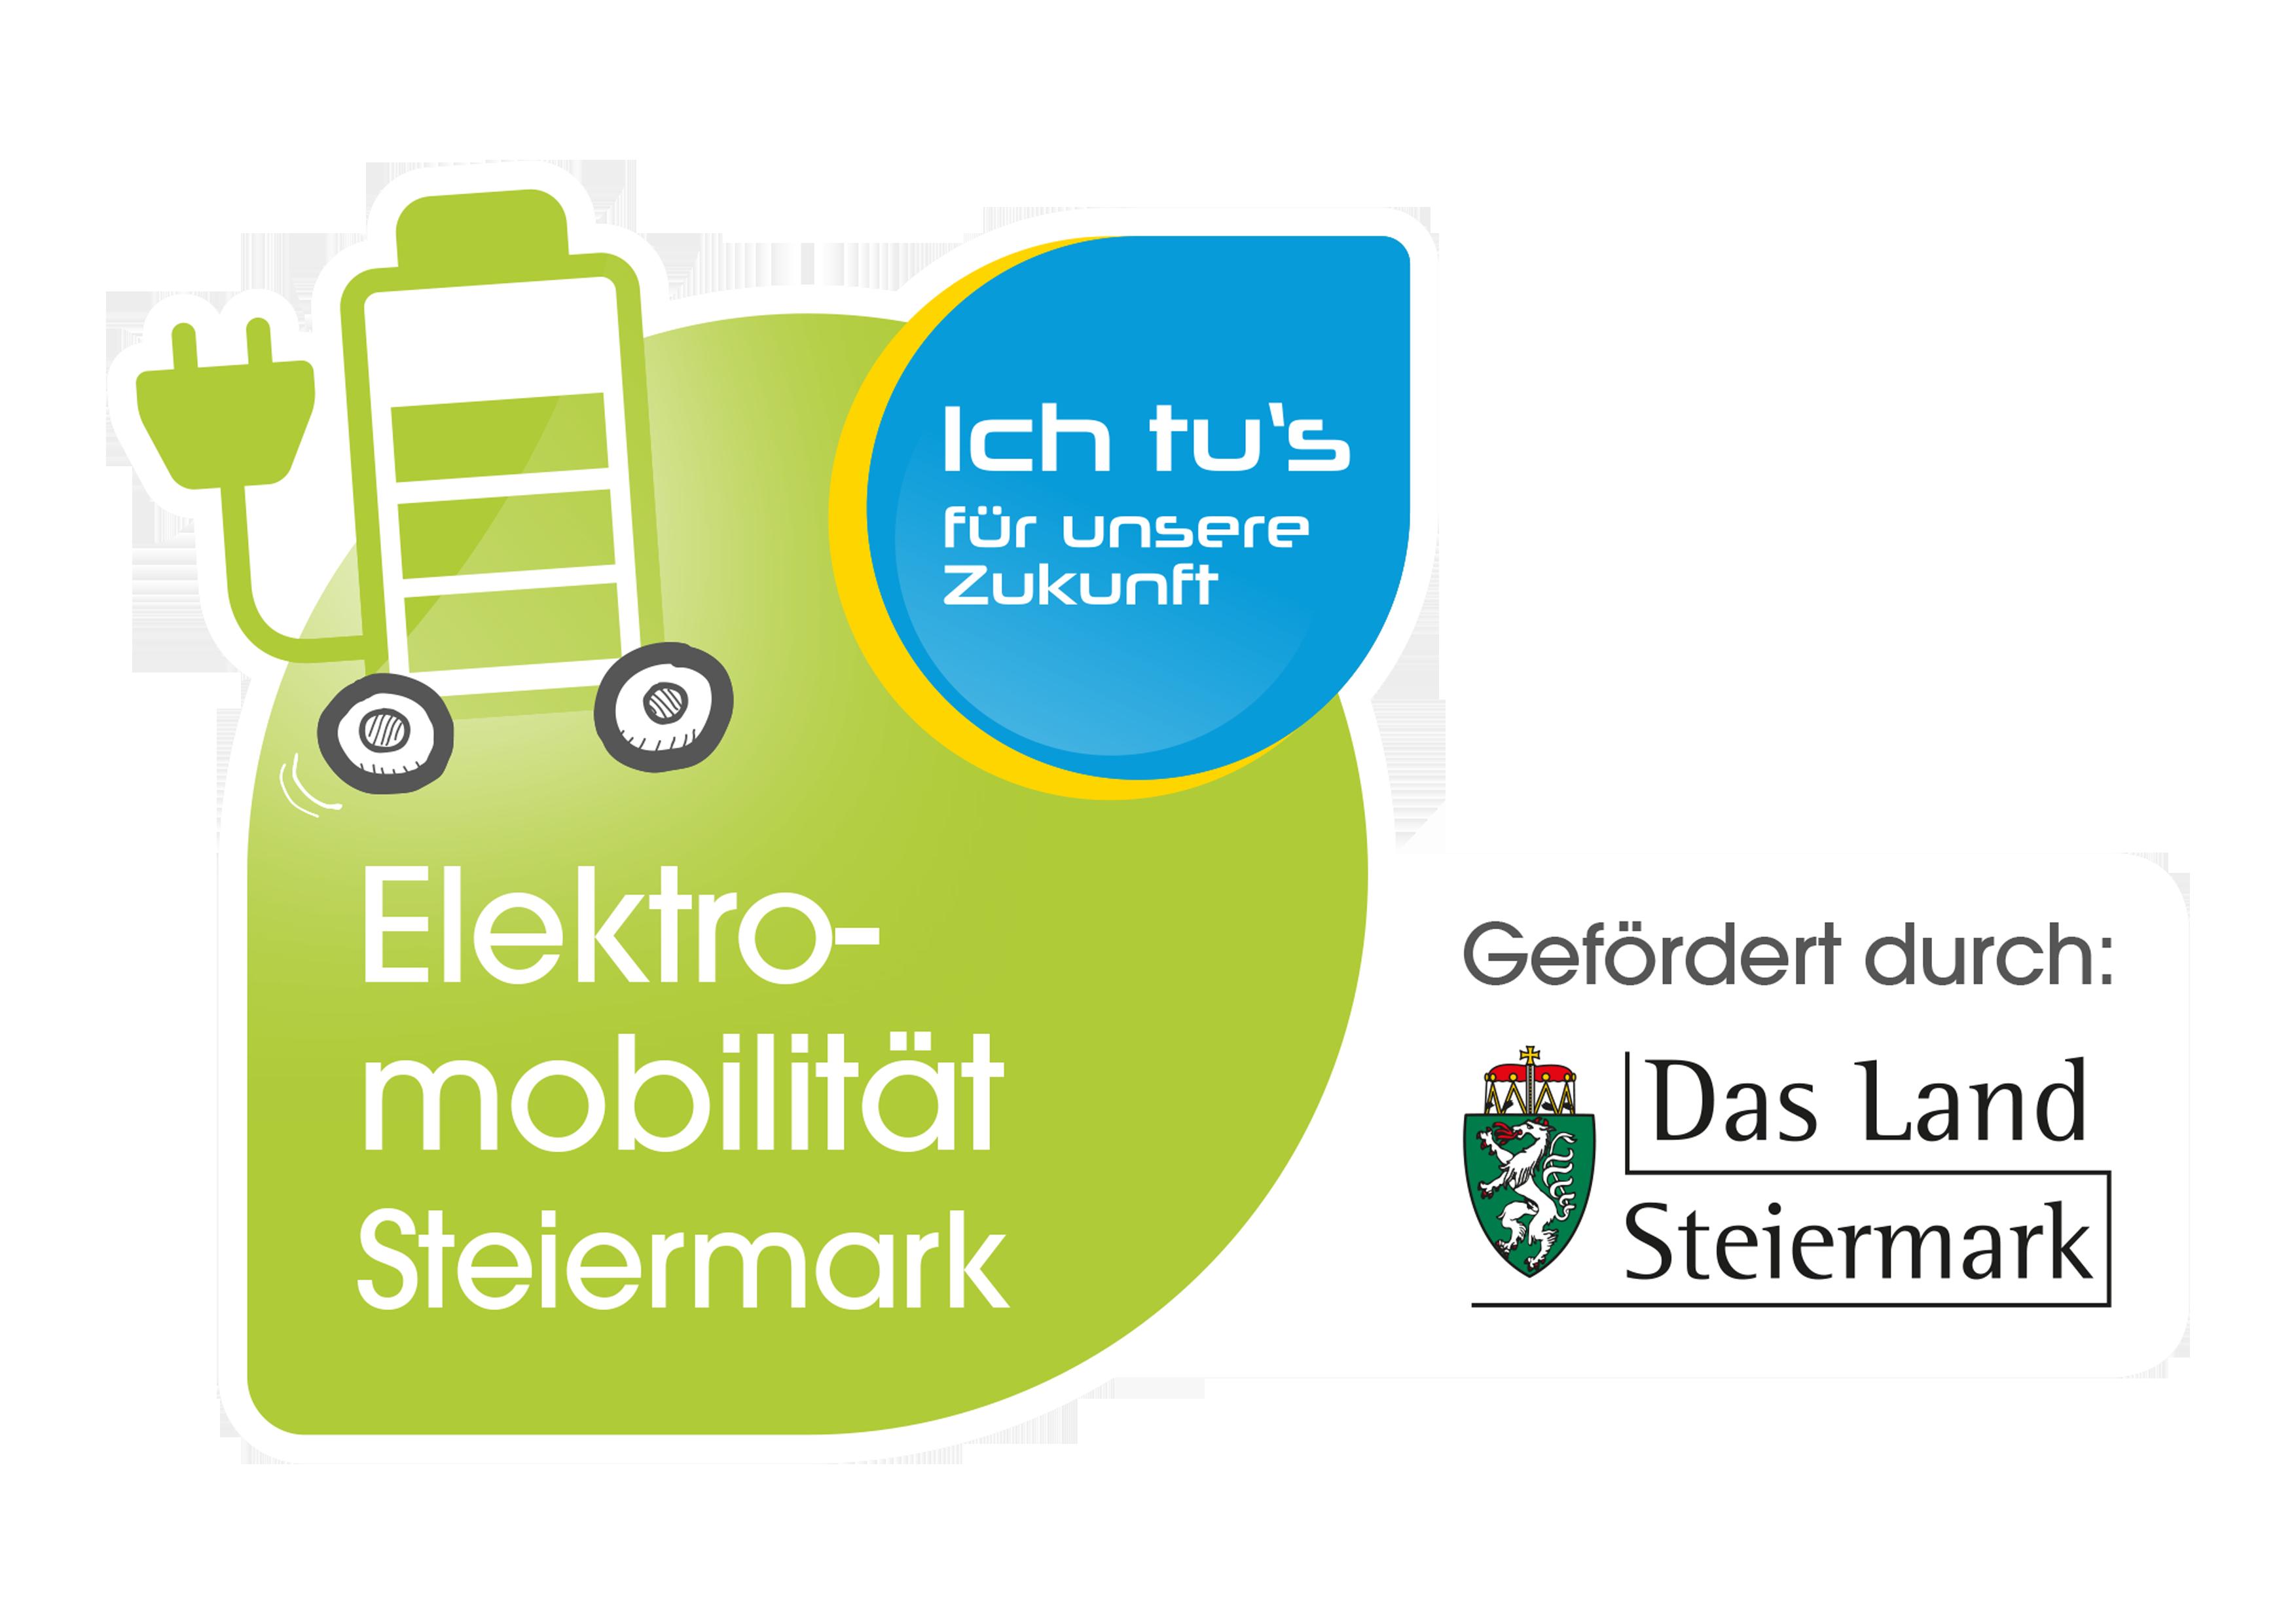 e car sharing marktgemeinde p lsoberkurzheim. Black Bedroom Furniture Sets. Home Design Ideas